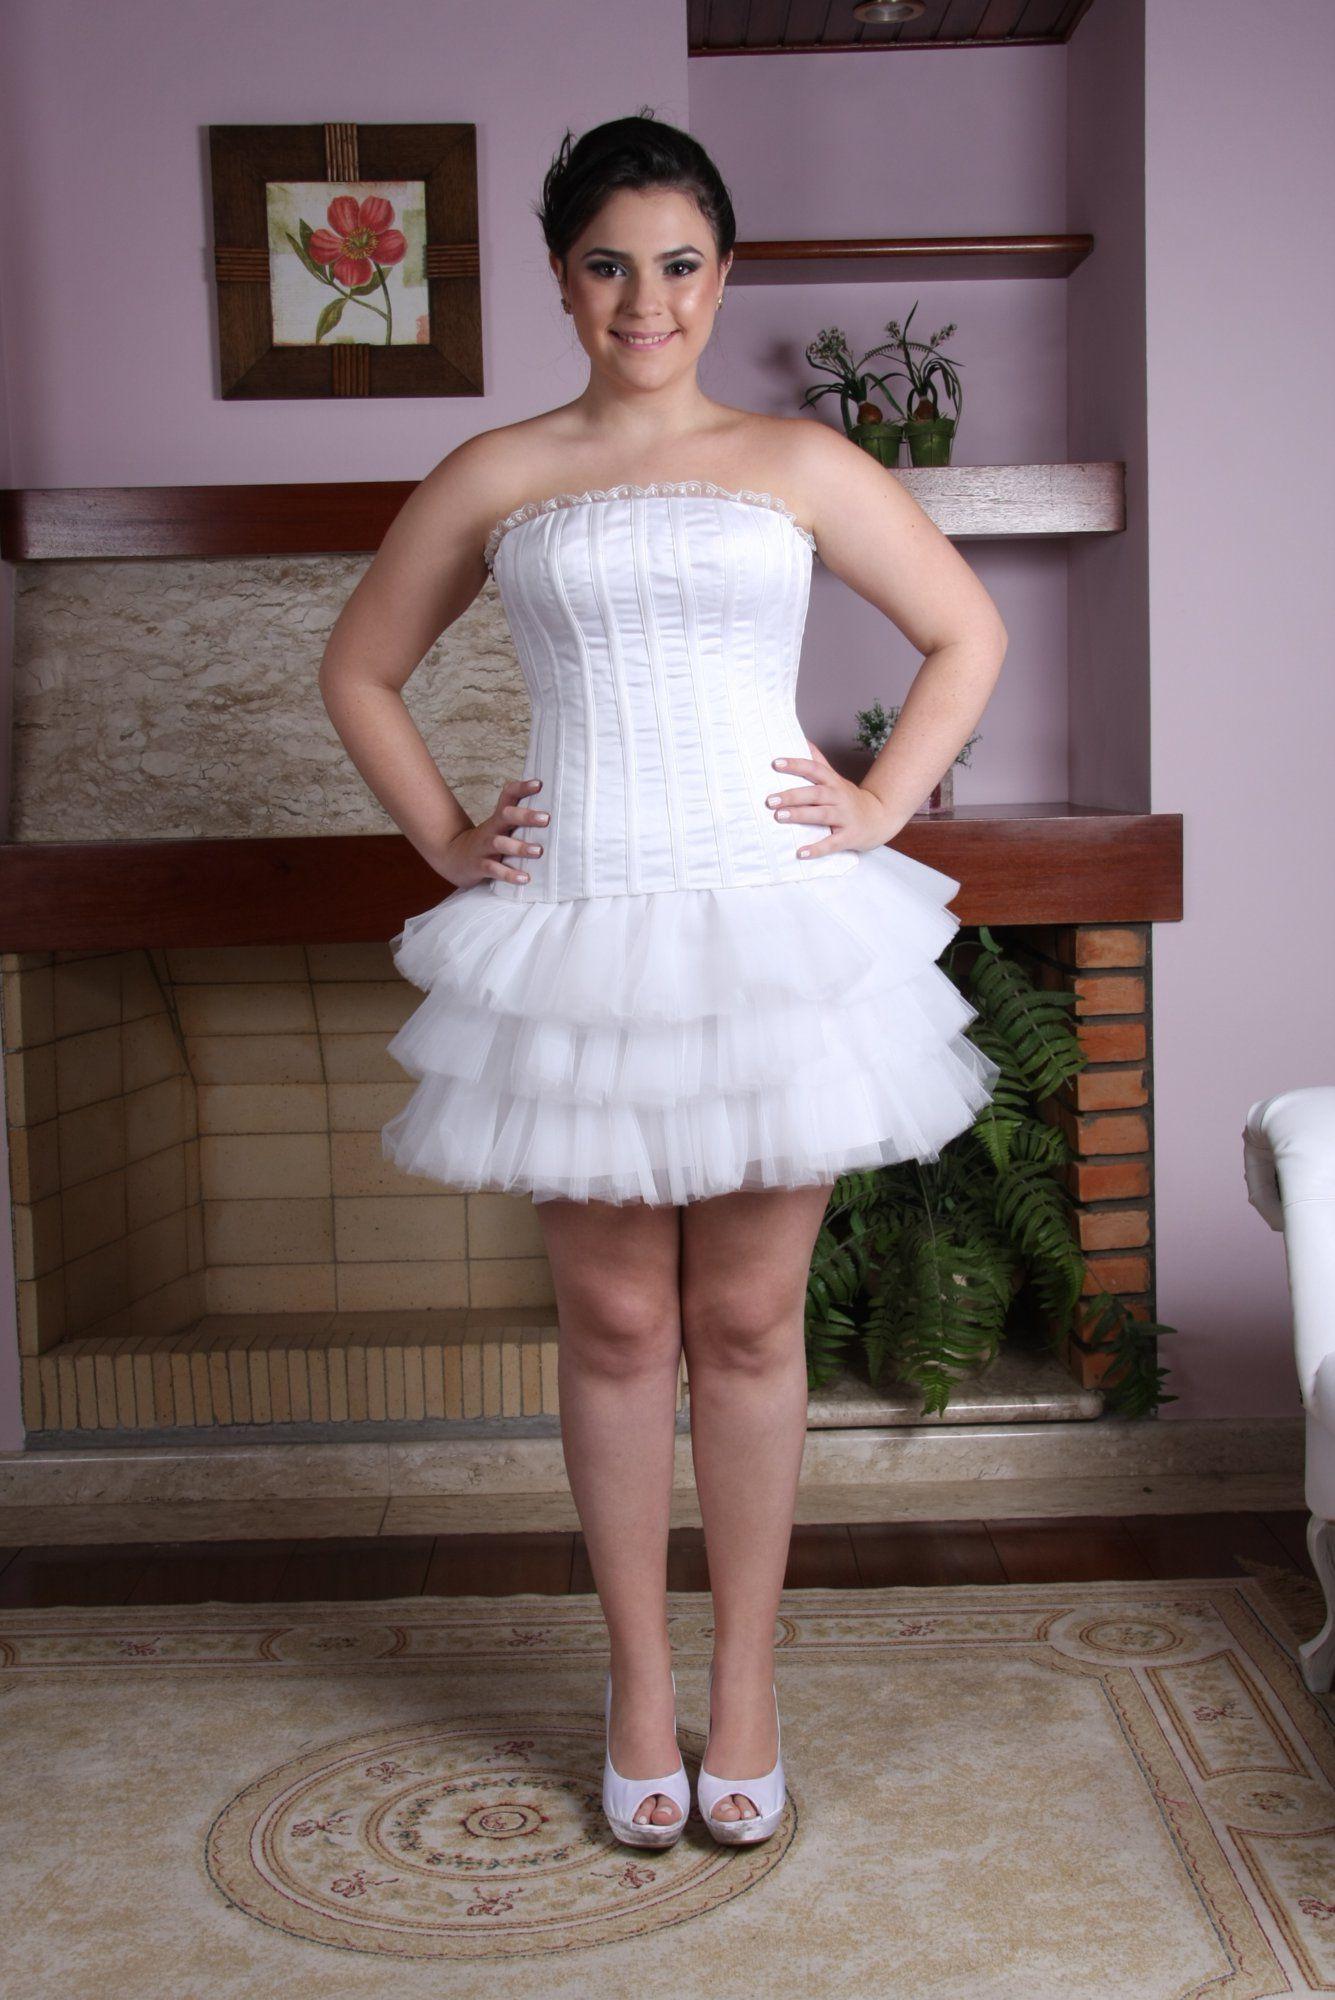 Vestido de Debutante Branco - 3 - Hipnose Alta Costura e Spa para Noivas e Noivos - Campinas - SP Vestido de Debutante, Vestido de Debutante Branco, Hipnose Alta Costura